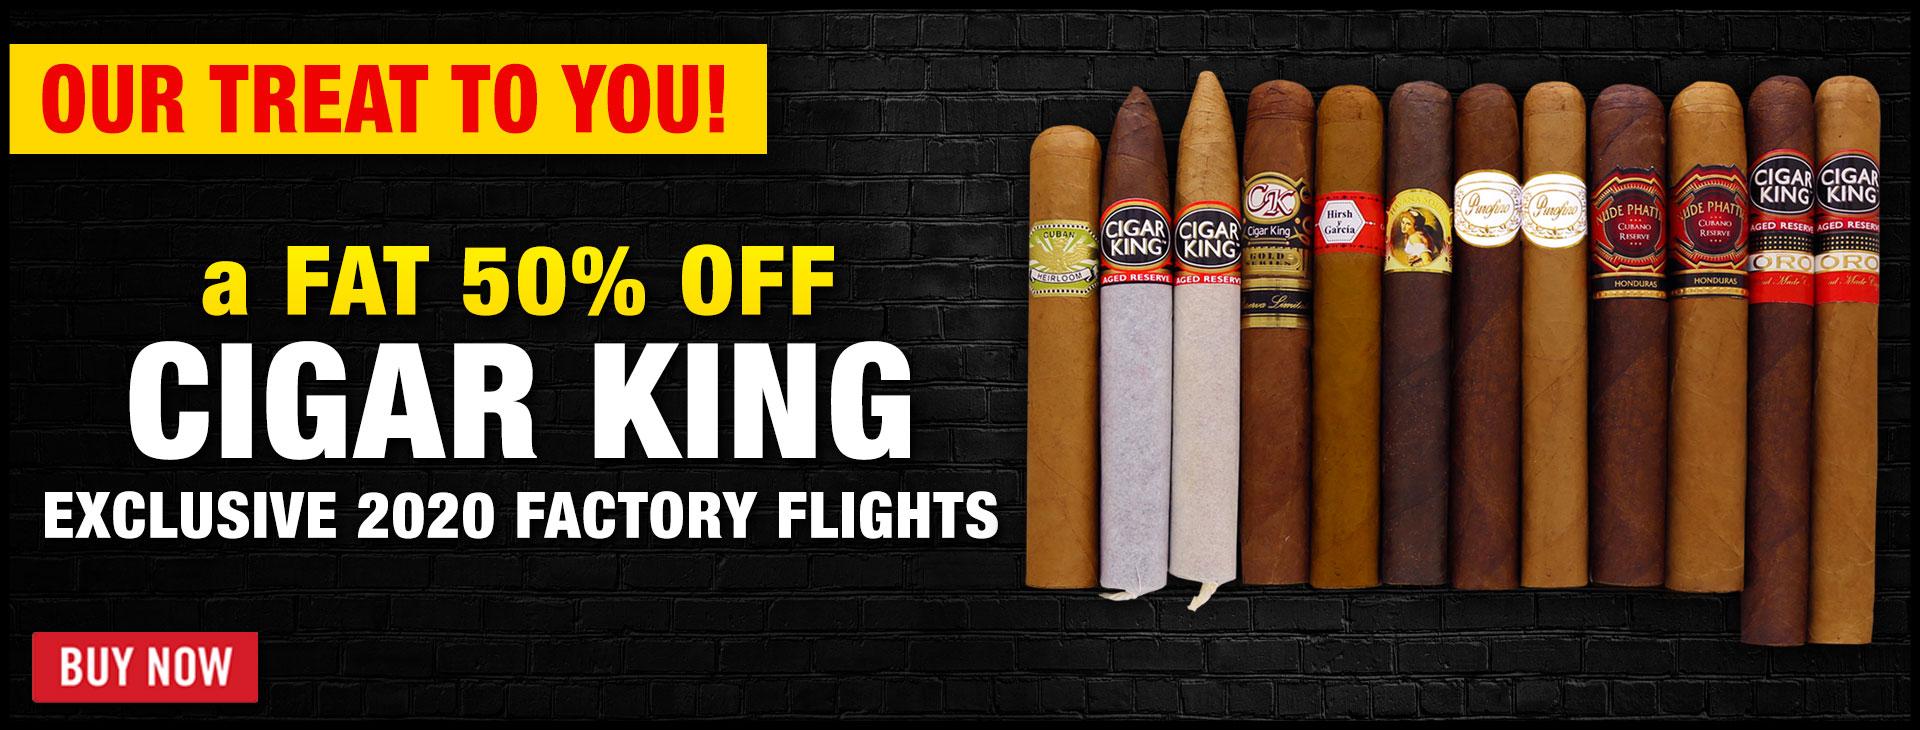 cigar-king-2020-factory-flight-2020-banner.jpg